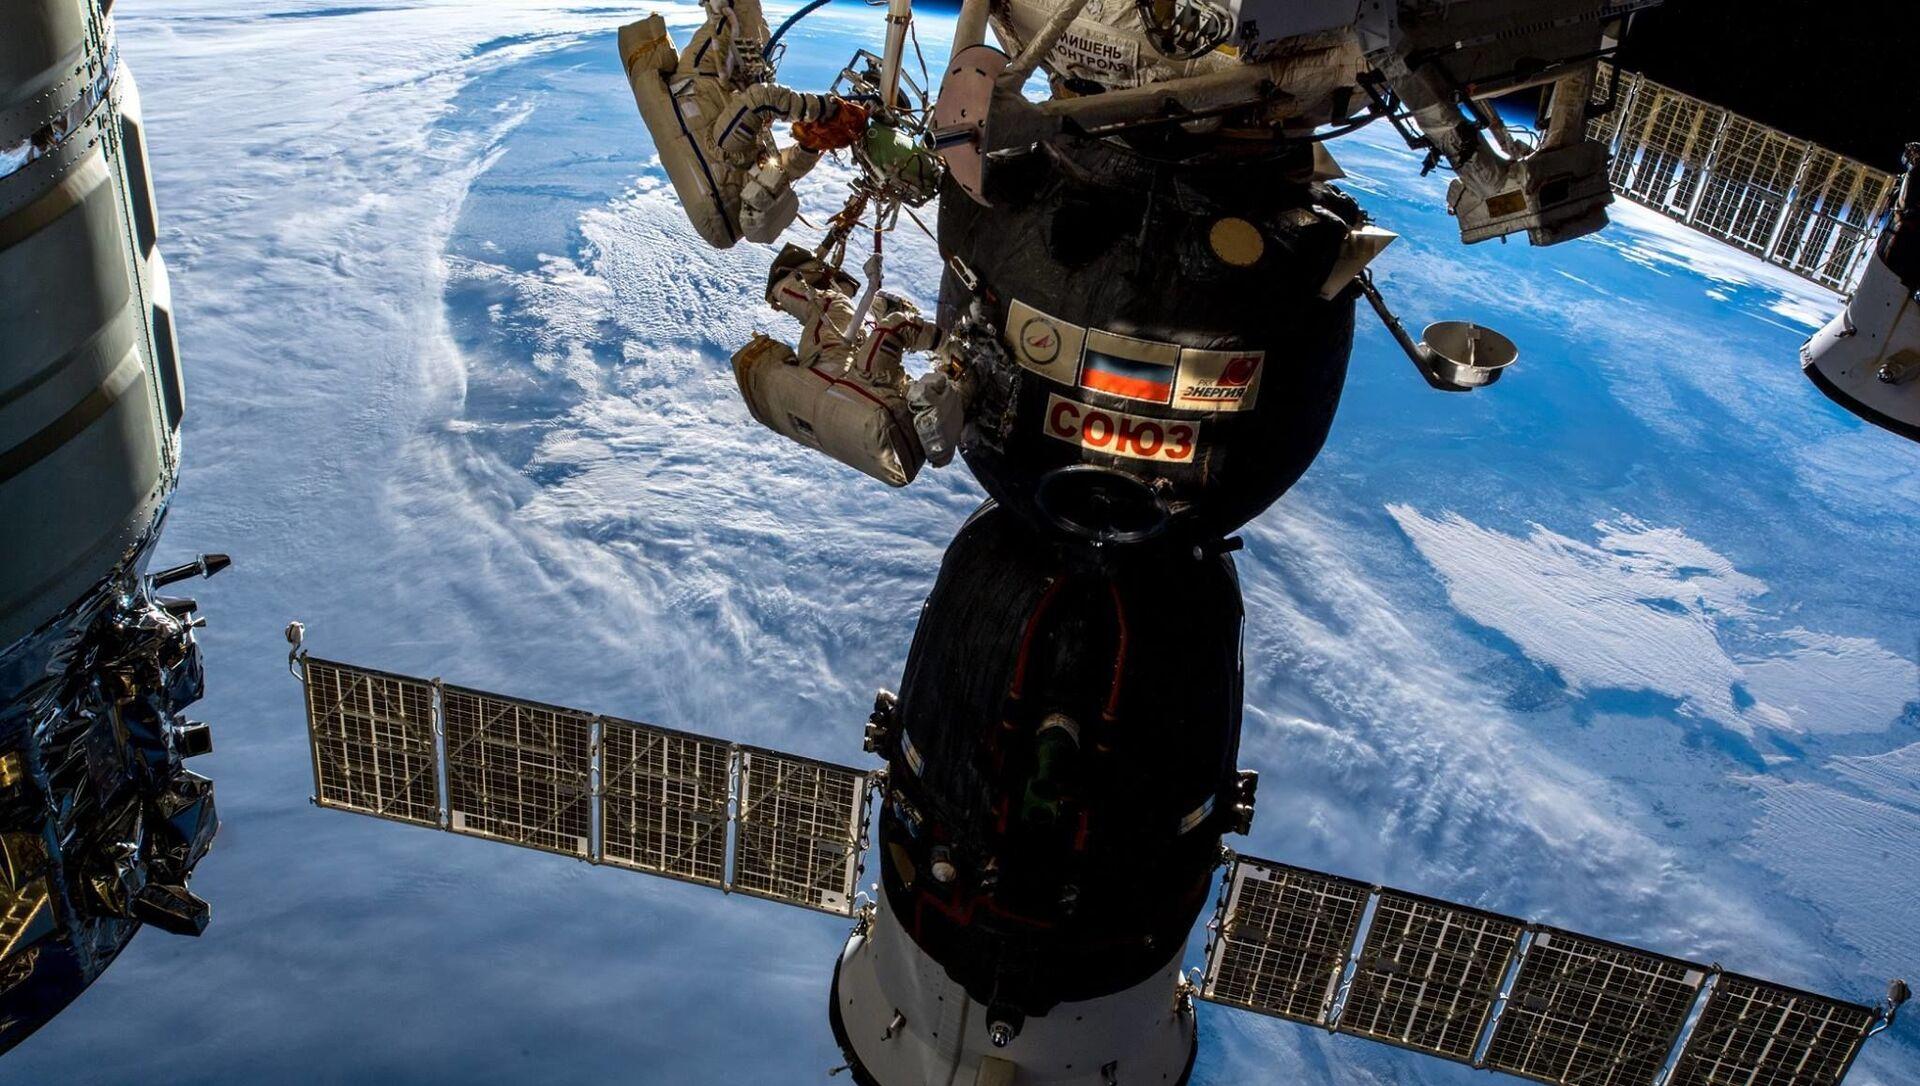 I cosmonauti russi Oleg Kononenko e Sergei Prokopyev nello spazio aperto. - Sputnik Italia, 1920, 03.04.2021